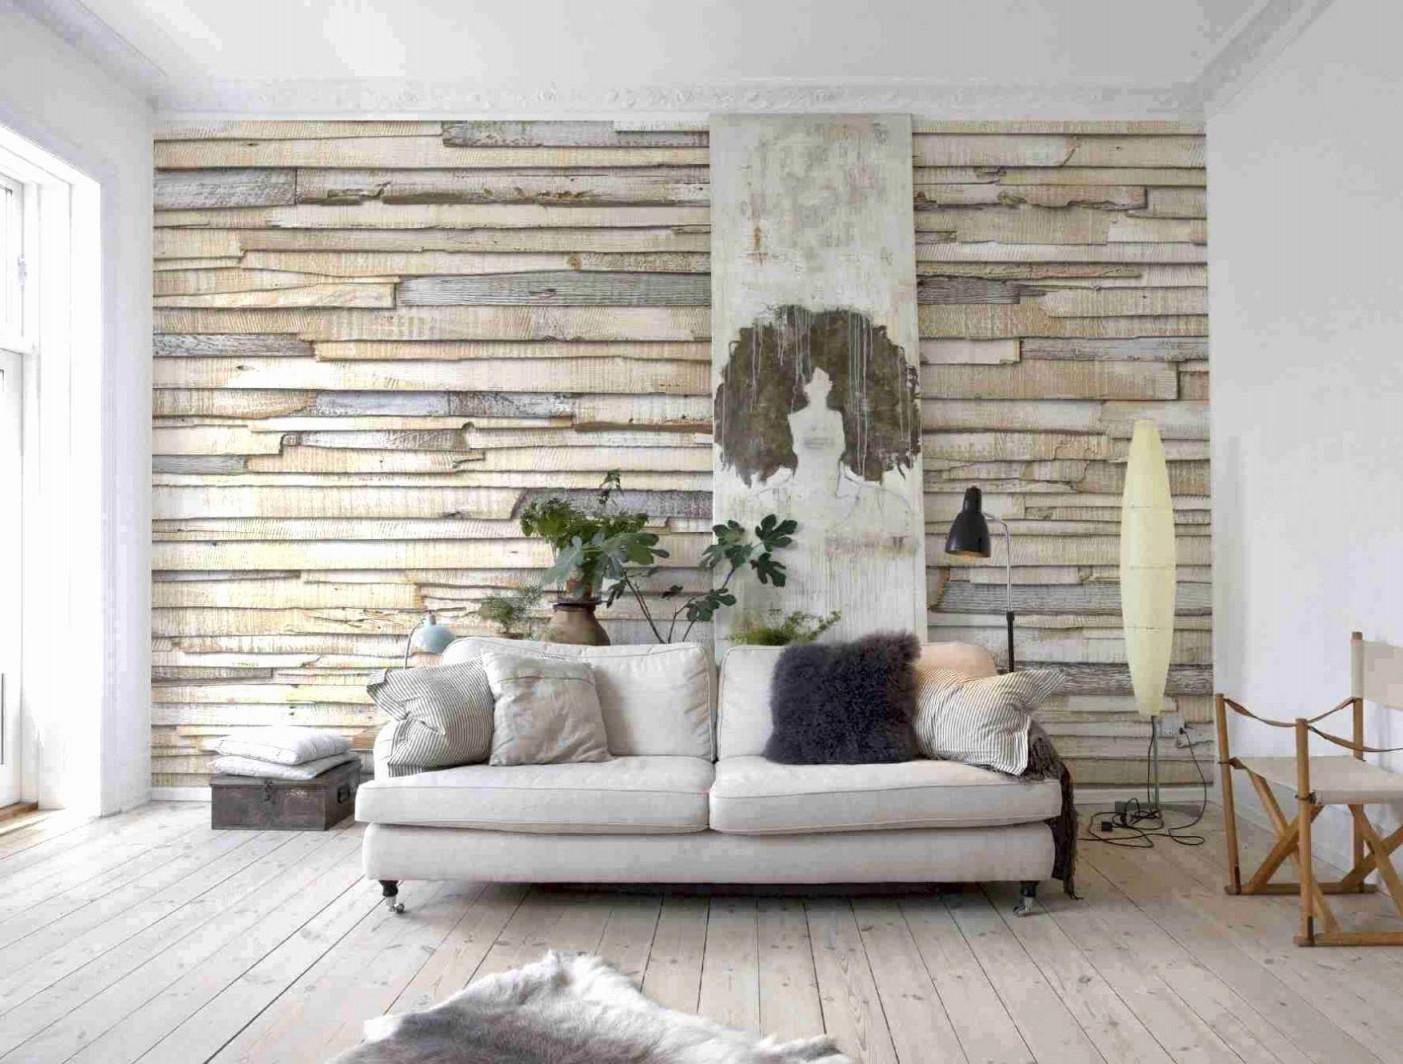 39 Elegant Ausgefallene Tapeten Wohnzimmer Das Beste Von von Ausgefallene Bilder Wohnzimmer Photo